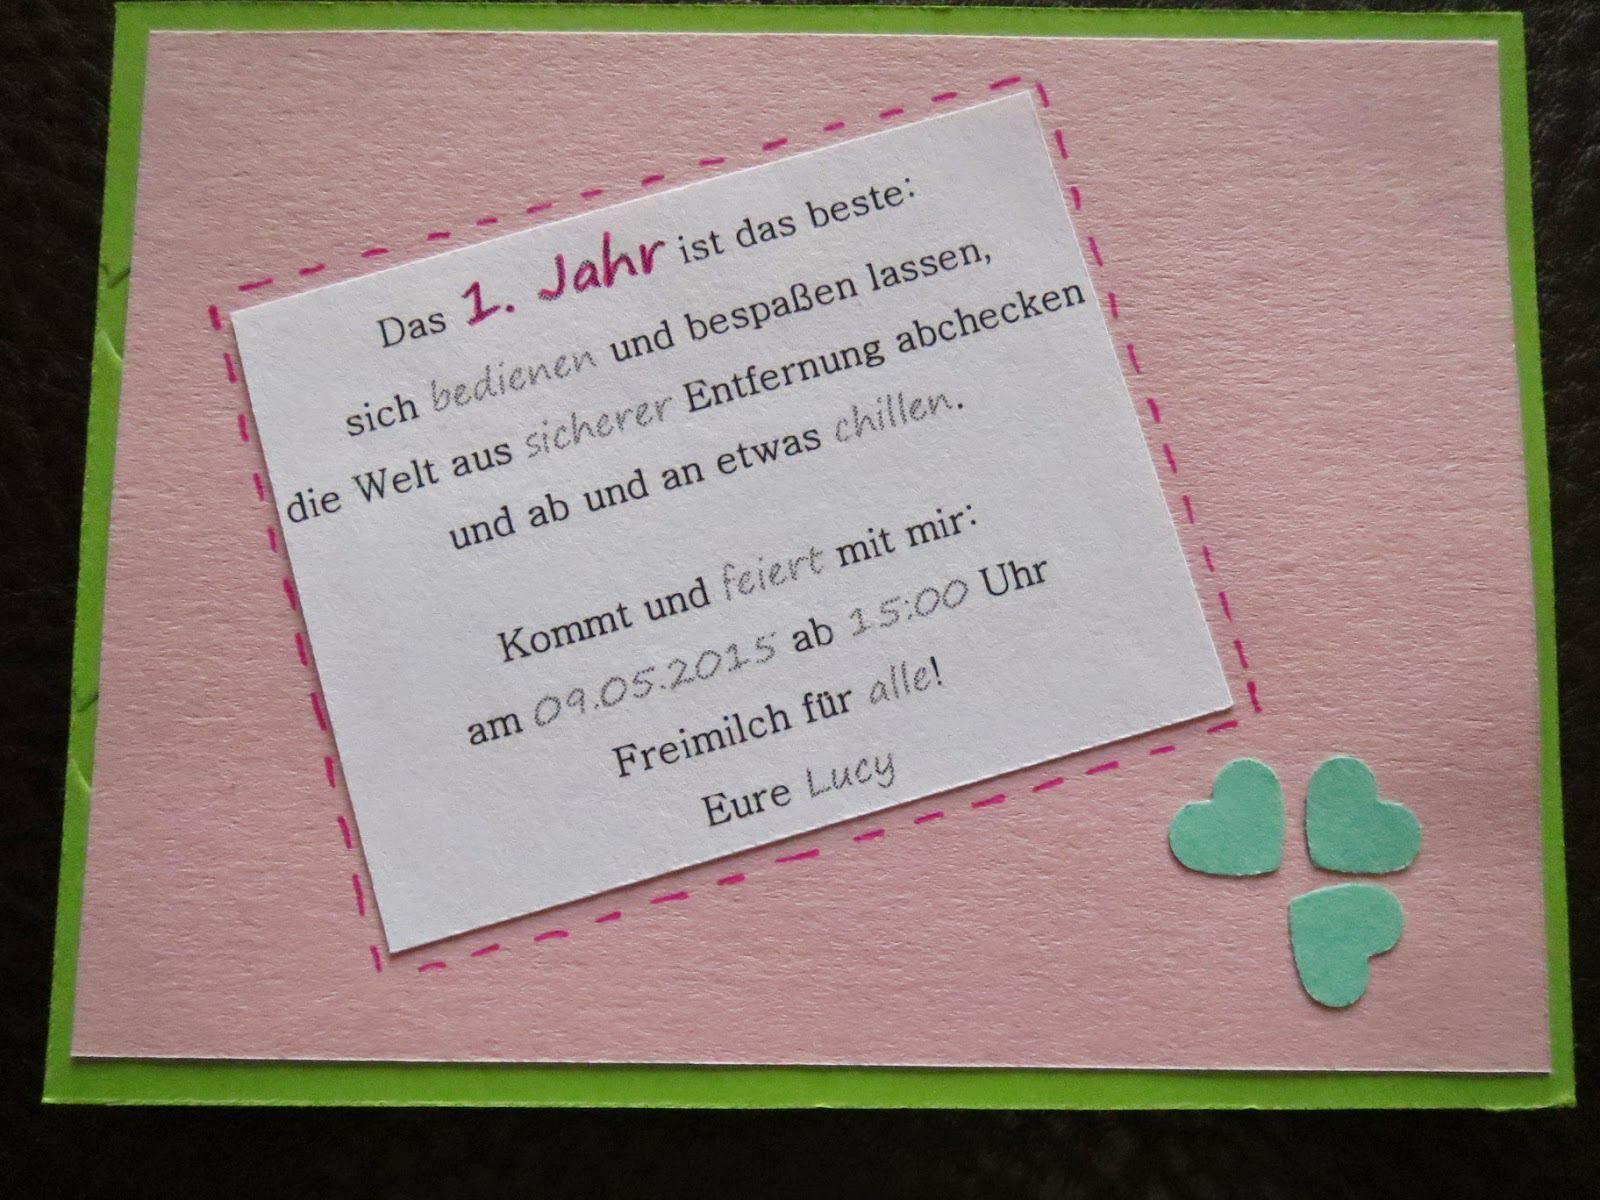 Schön Einladungskarte 1 Geburtstag : Einladungskarten 1 Geburtstag Baby   Kindergeburtstag  Einladung   Kindergeburtstag Einladung